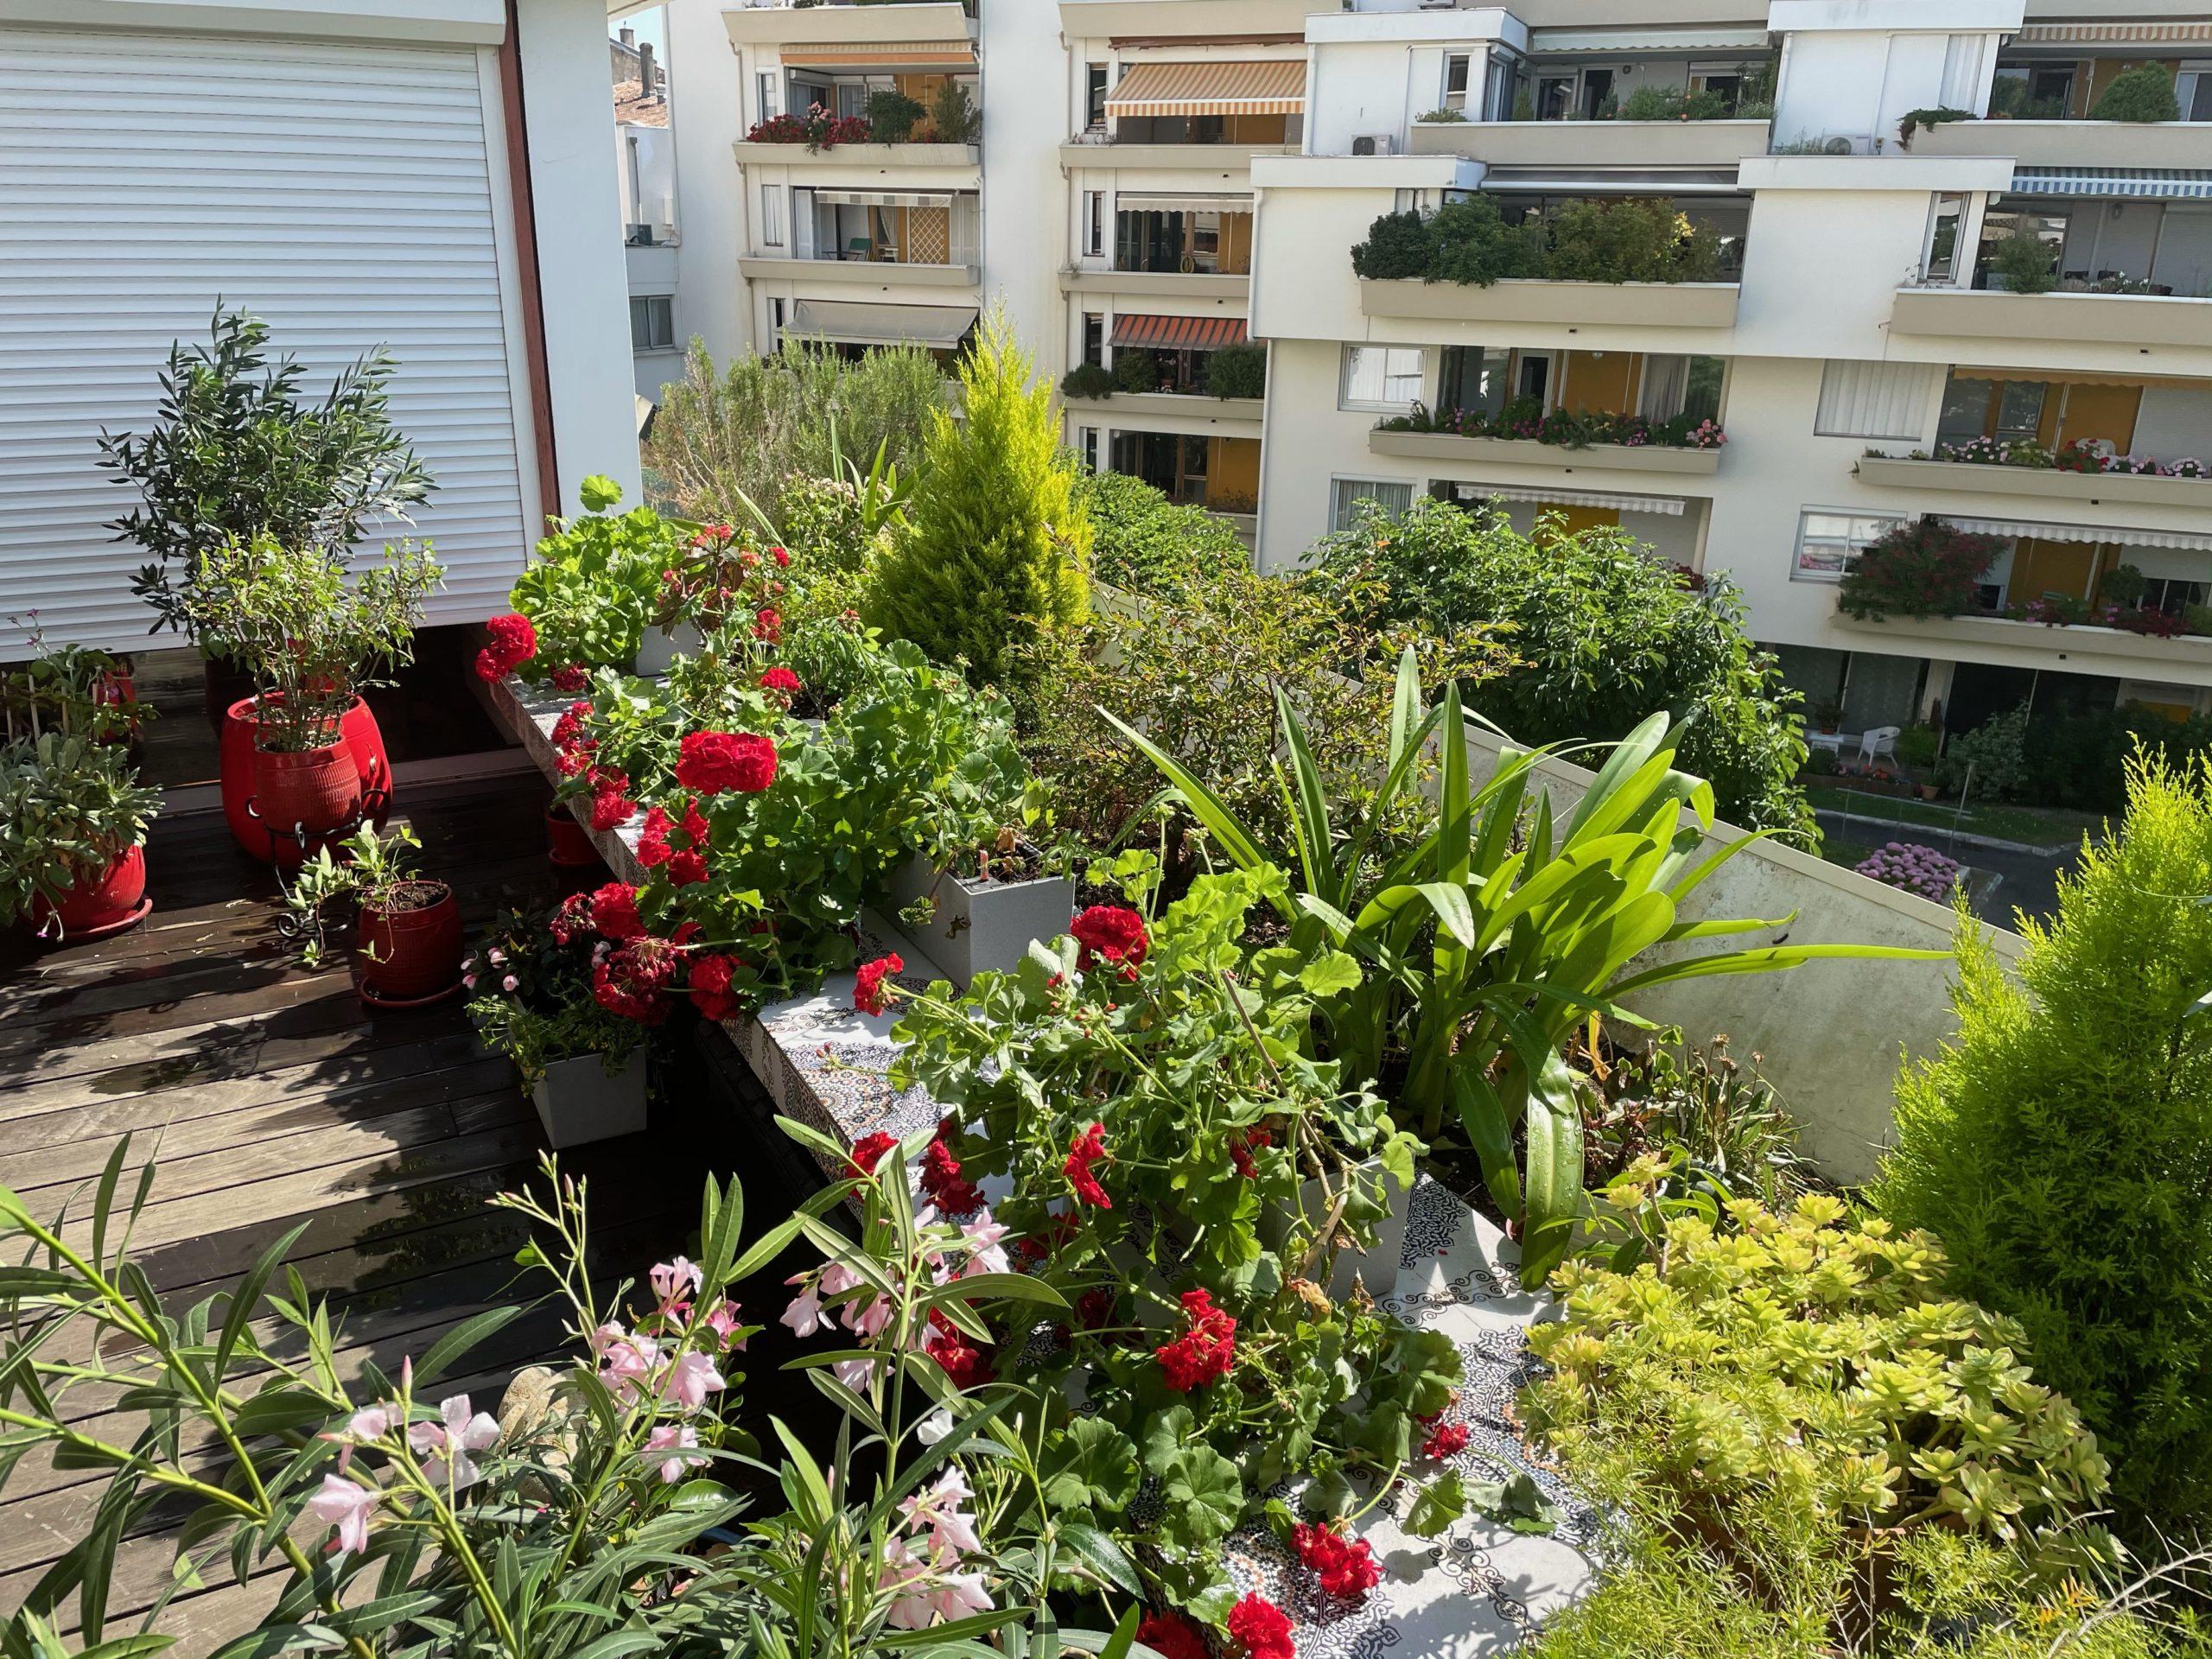 Les Jardins D&453.jpeg039;Arcadie Image01 453